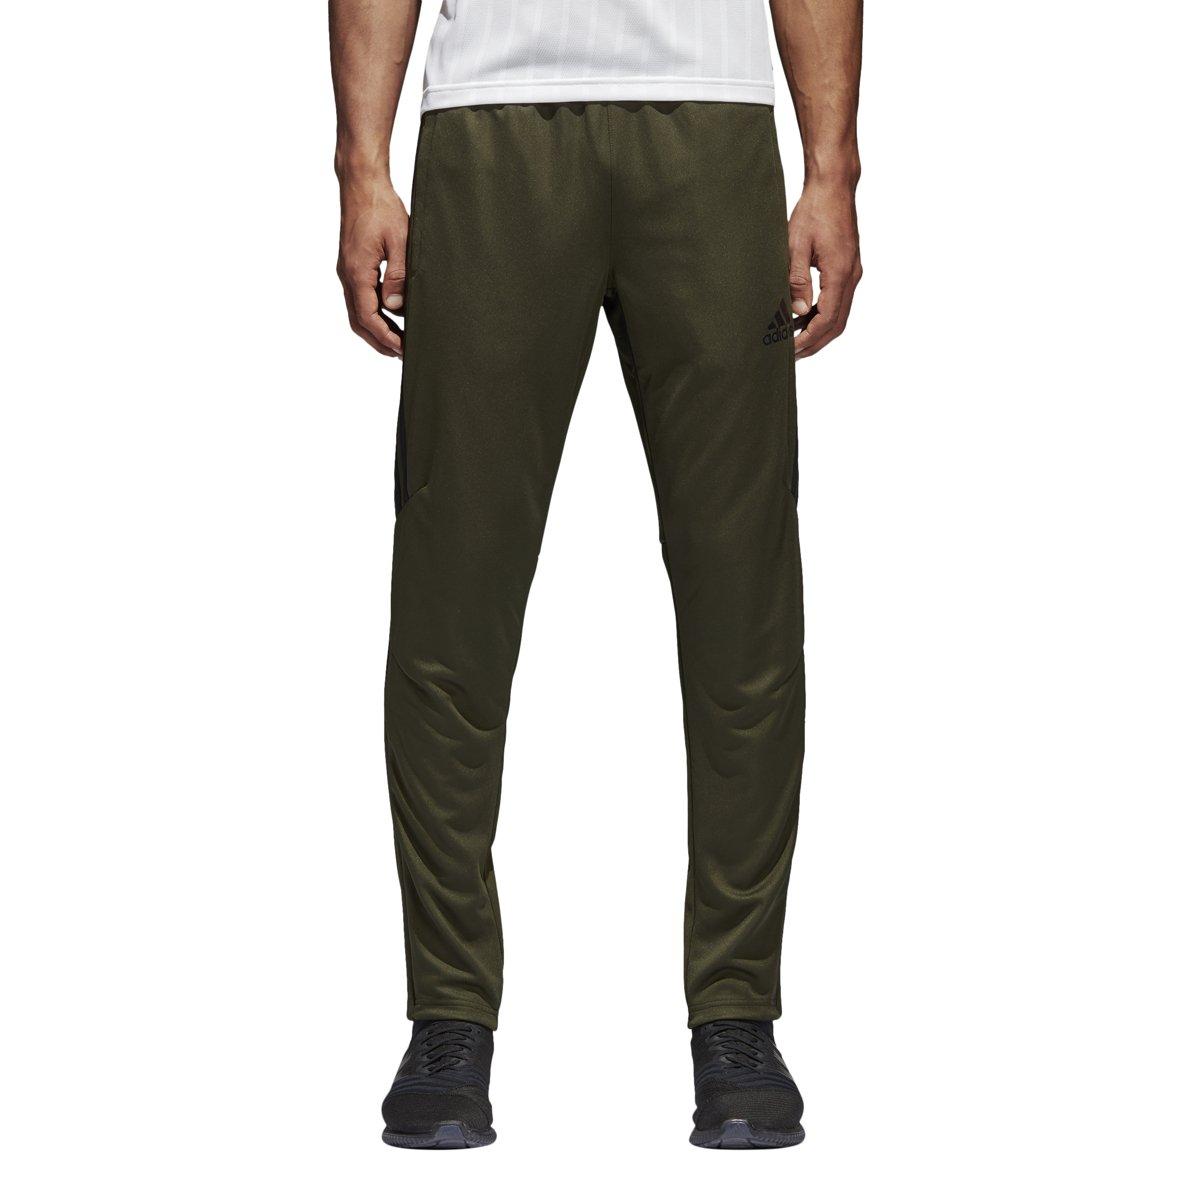 adidas Mens Tiro17 TRG Pant, Night Cargo/Black, X-Small